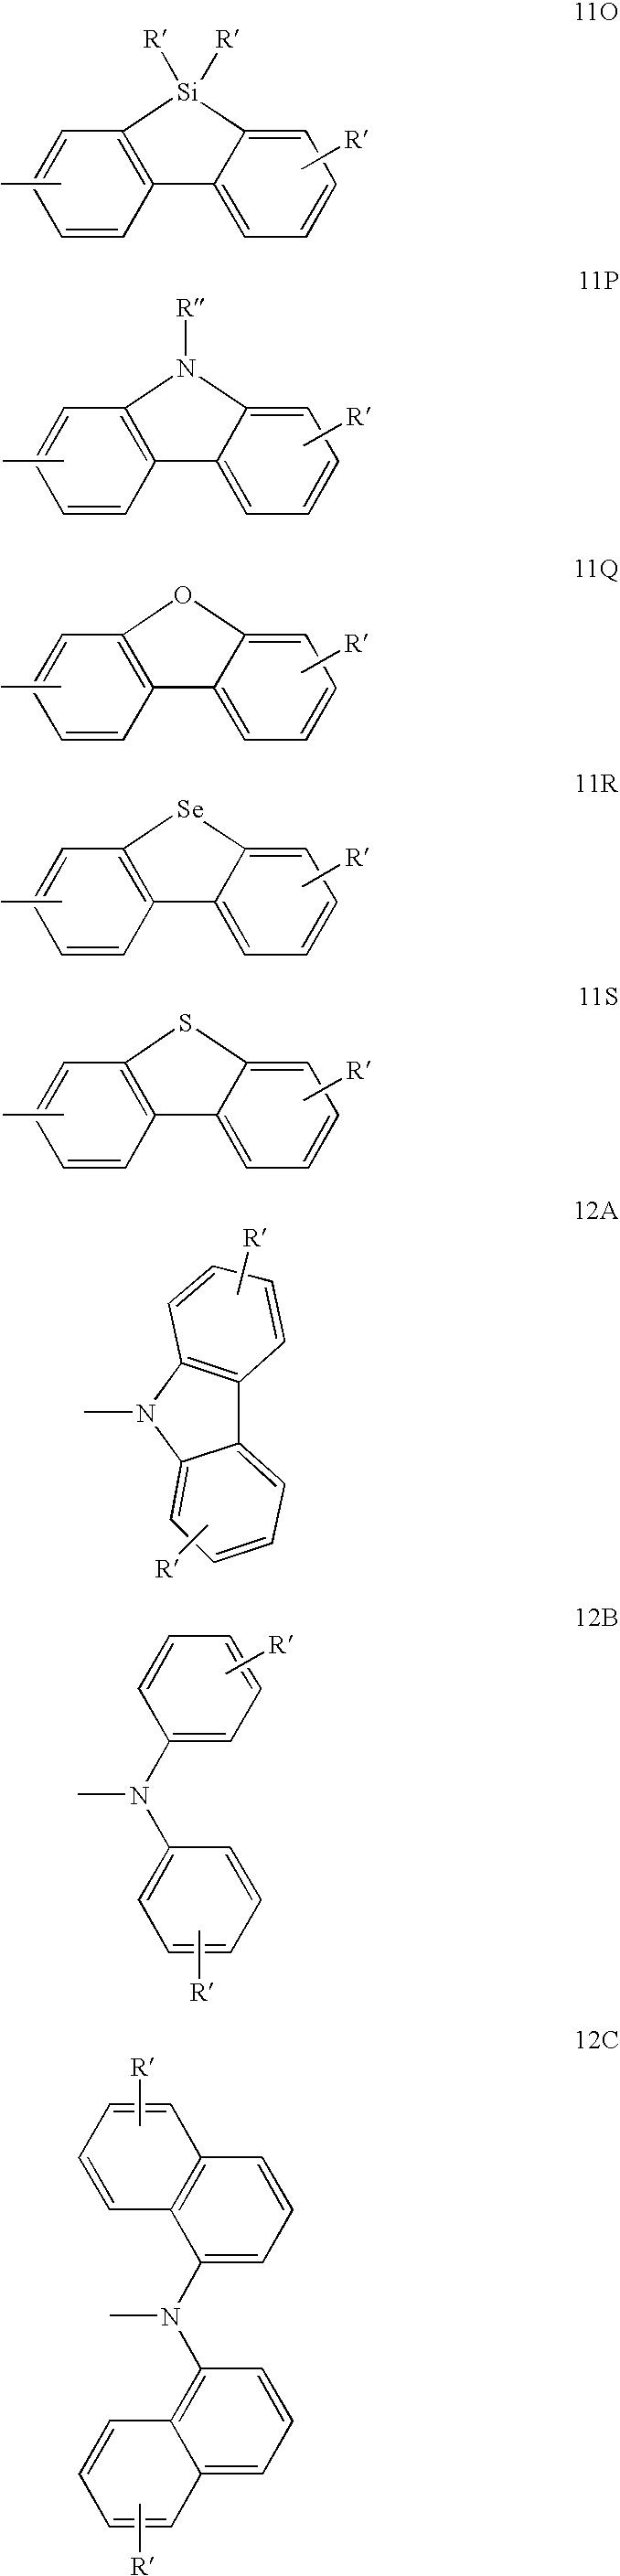 Figure US07875367-20110125-C00079